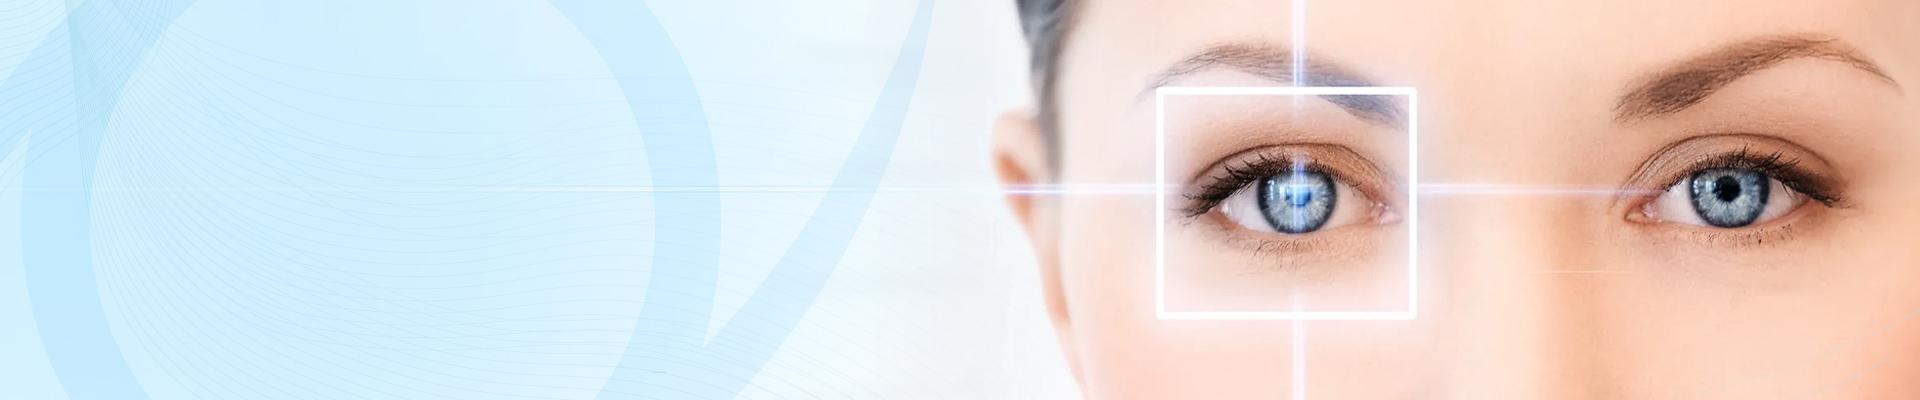 hogy ne engedje a látását táplálék felhasználása a látás javítása érdekében